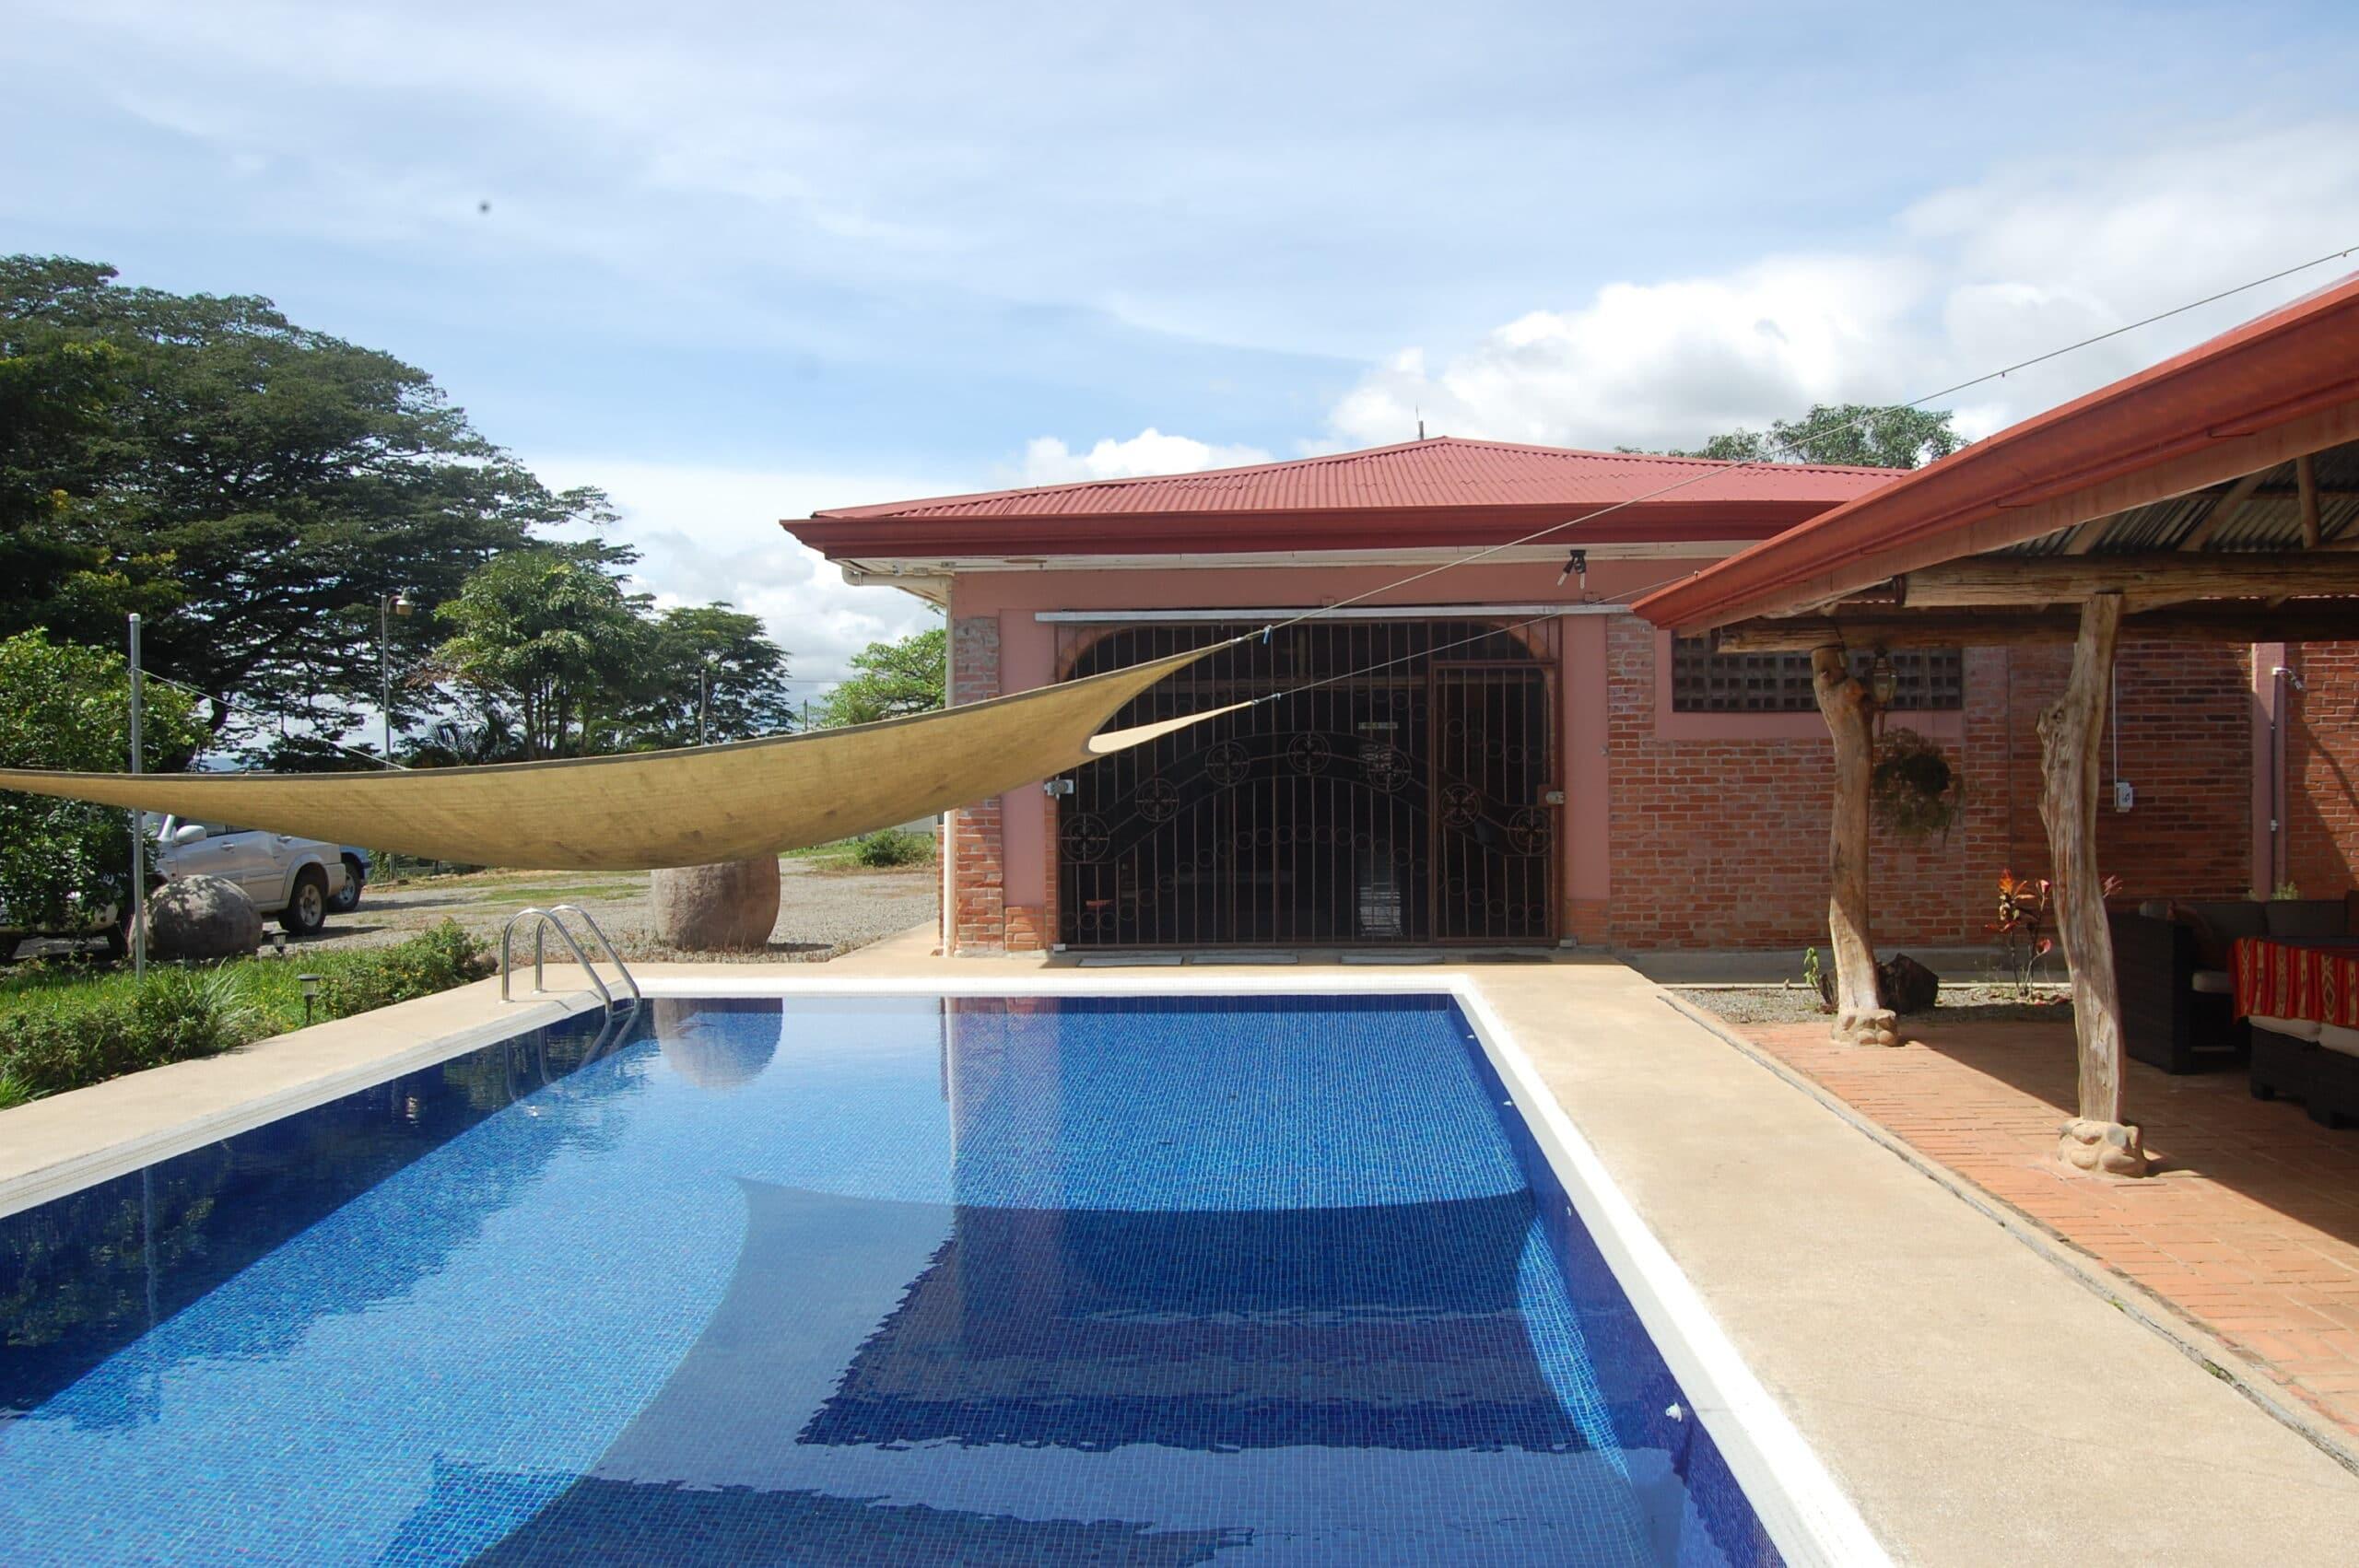 Costa Rica – San Isidro de El General 5 Bedrooms 3.5 Baths 4,521 sq ft